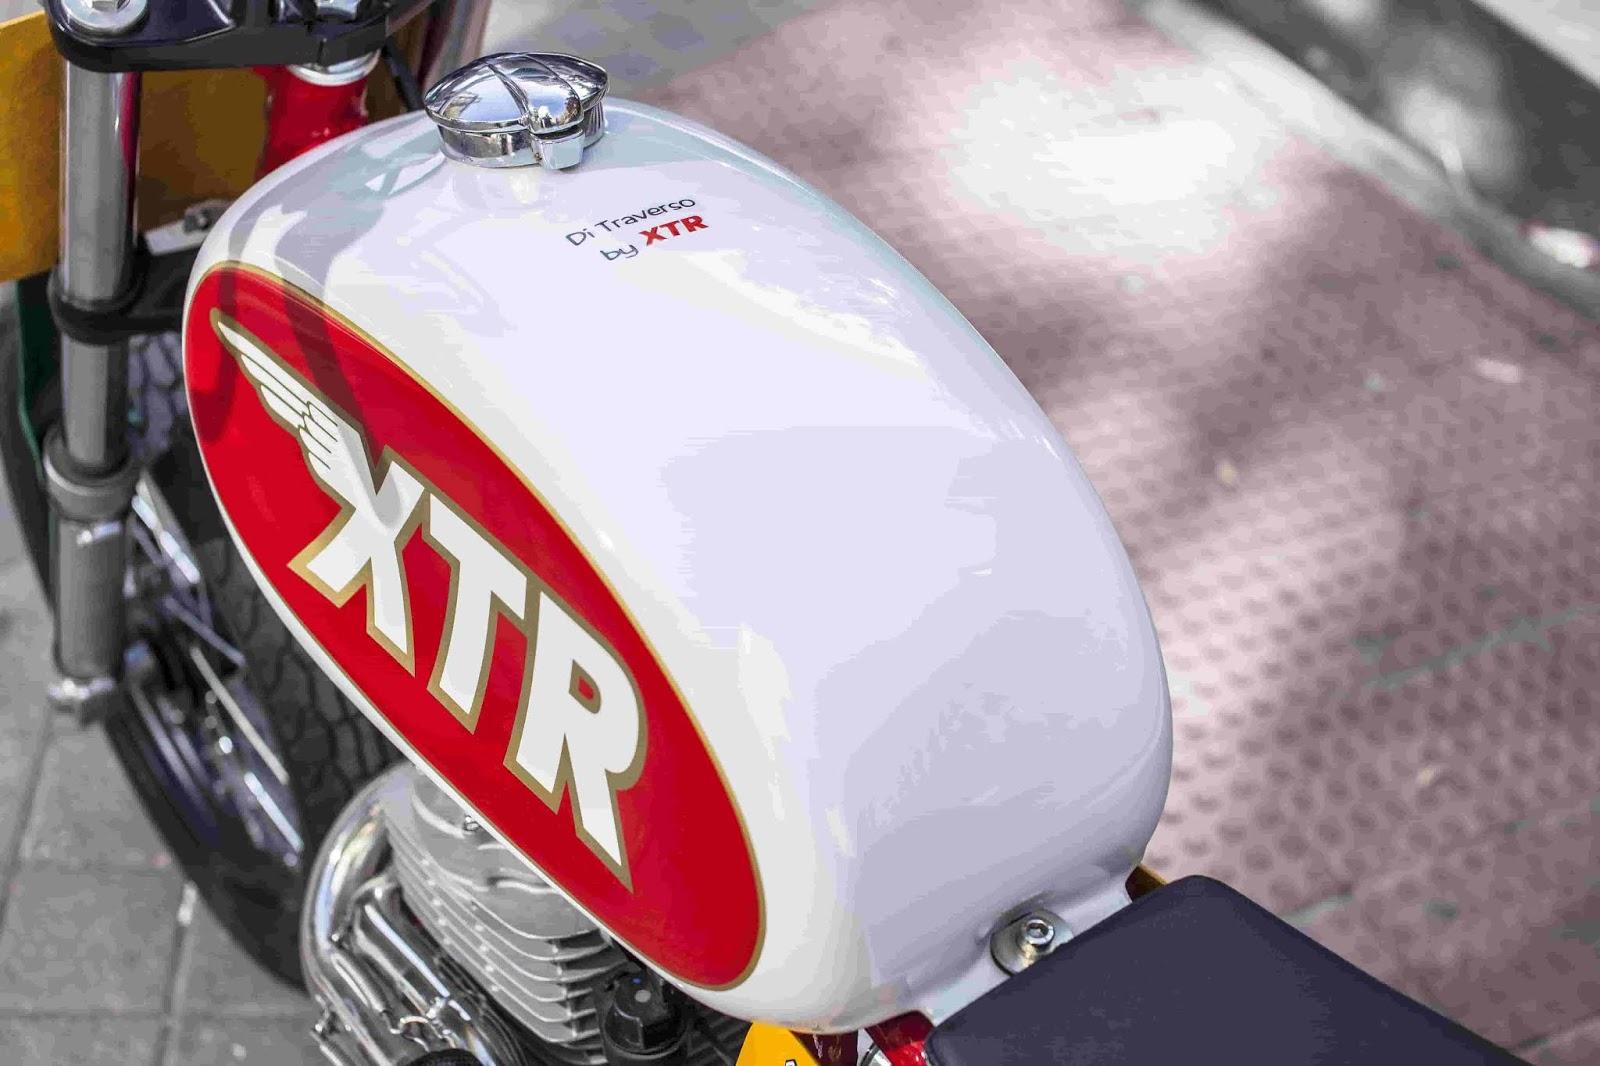 DI TRAVERSO by XTR